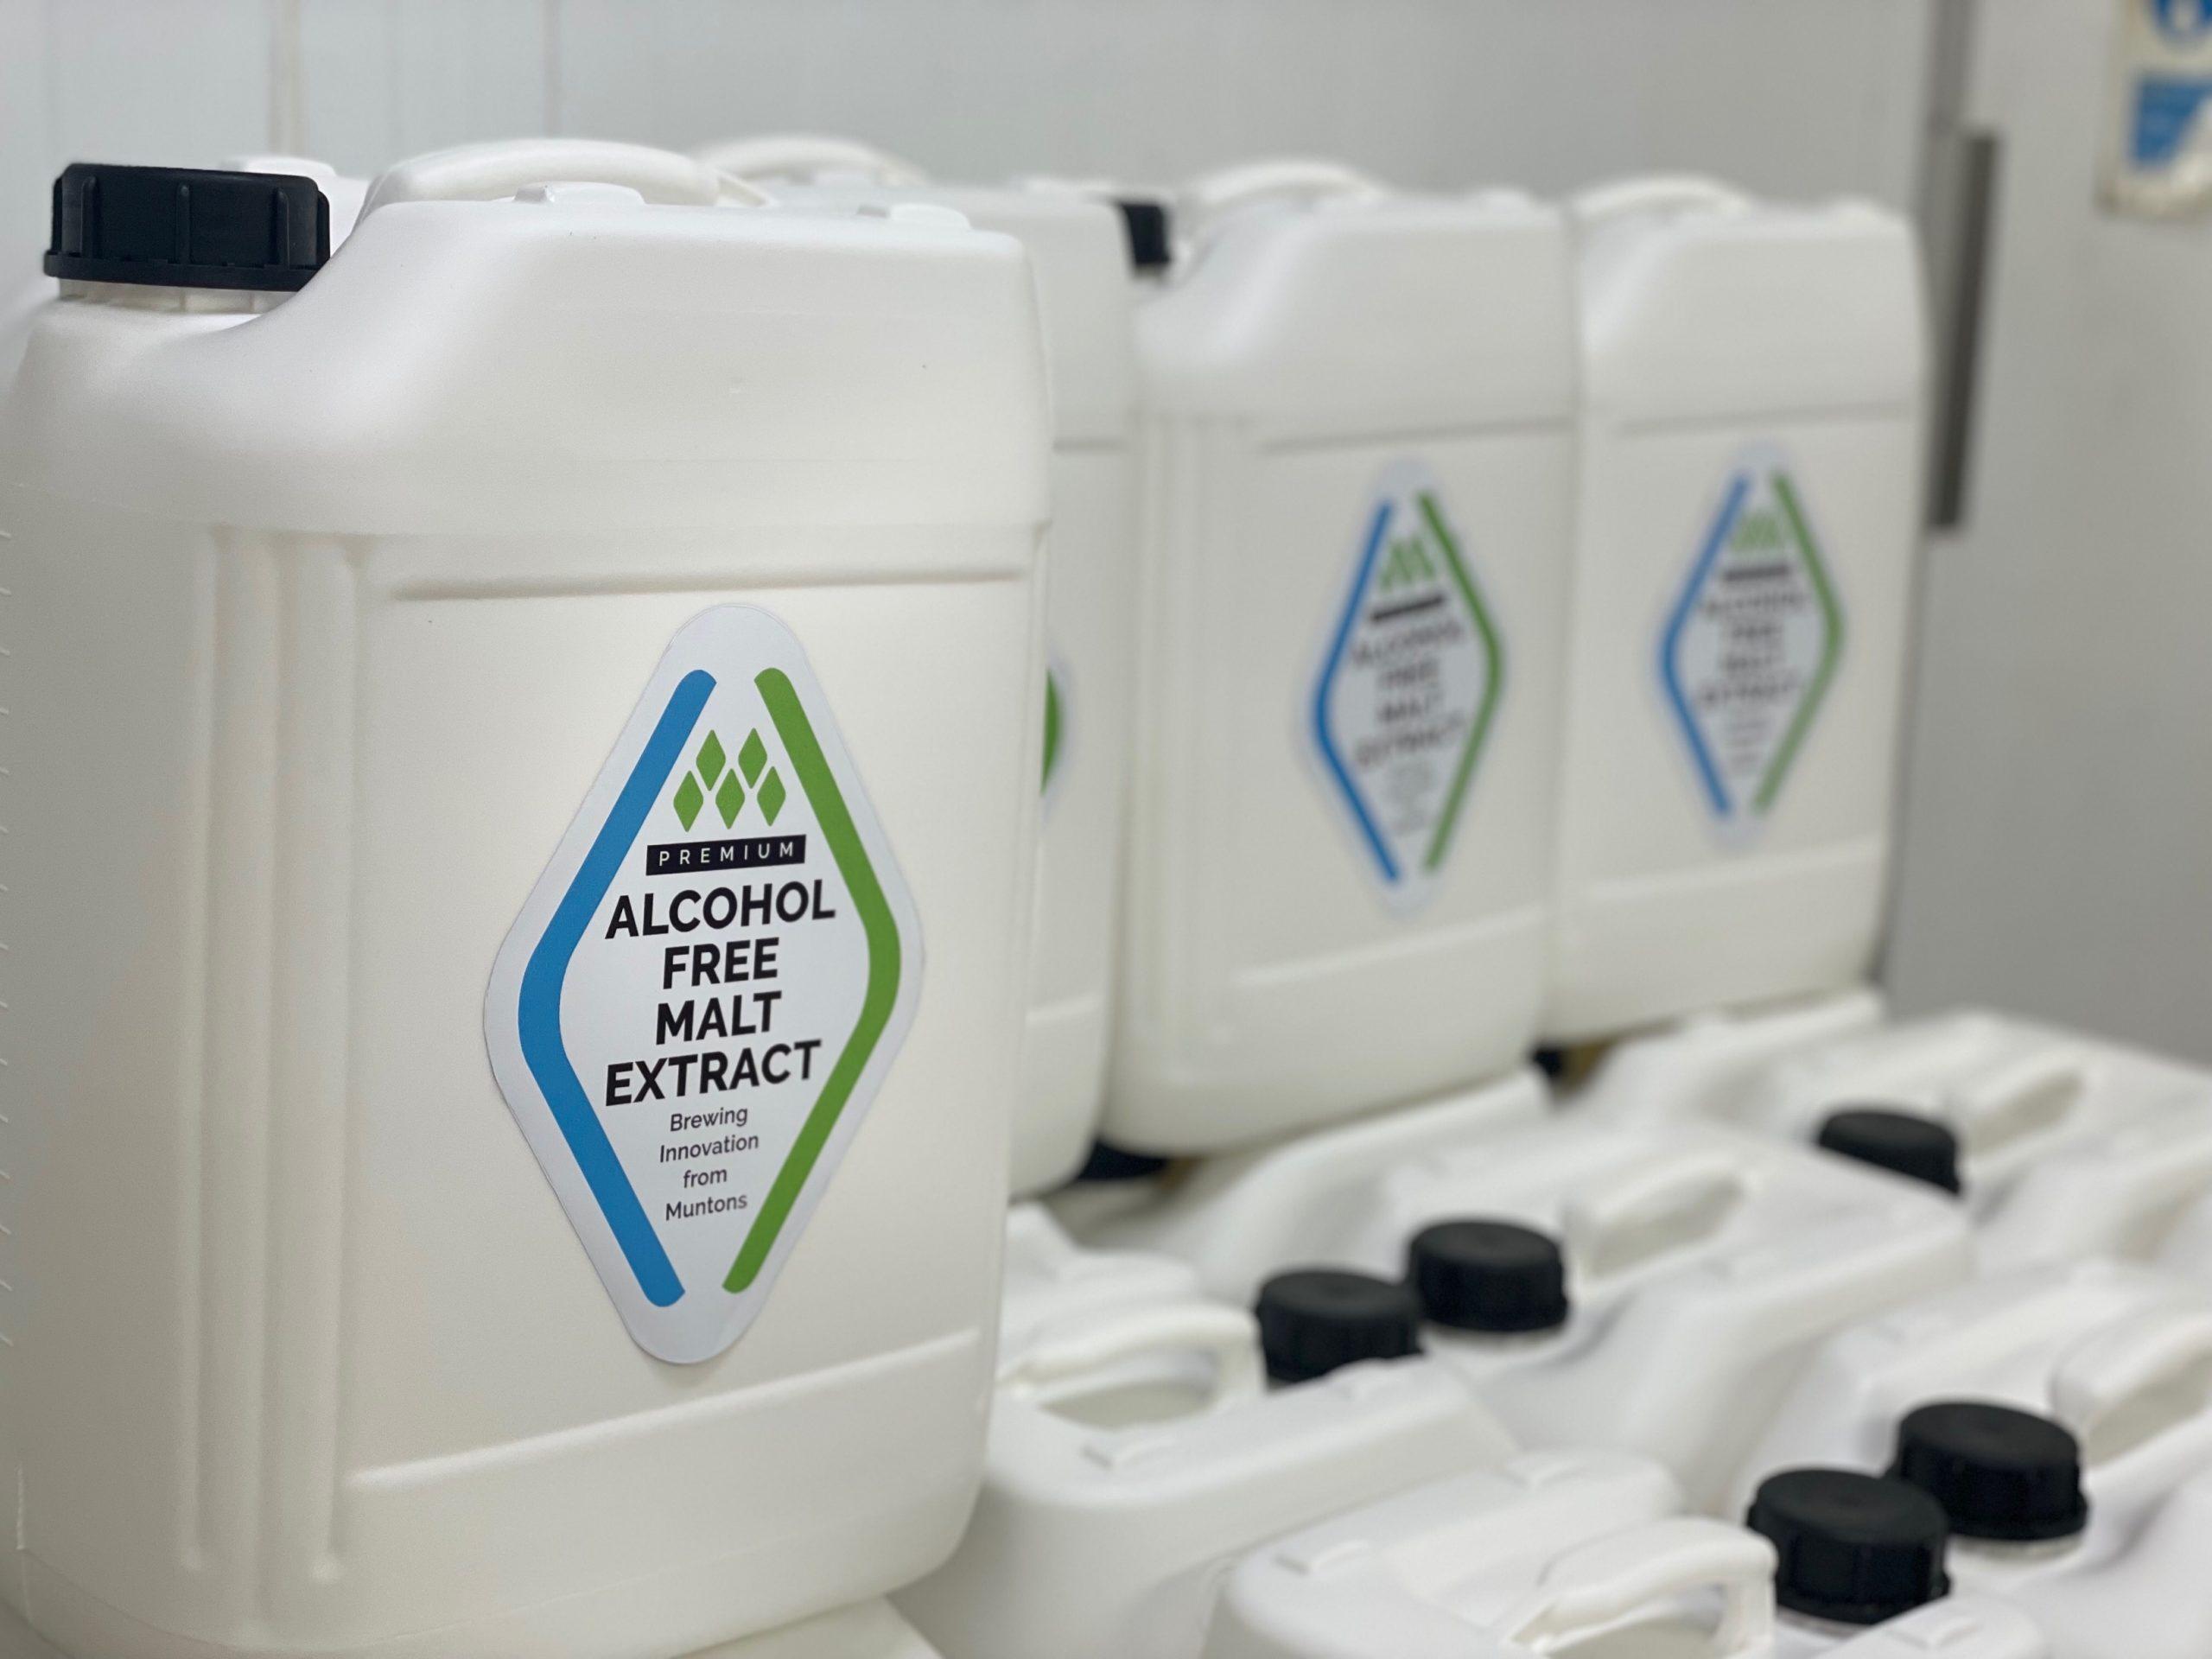 Muntons Premium Alcohol Free Malt Extract